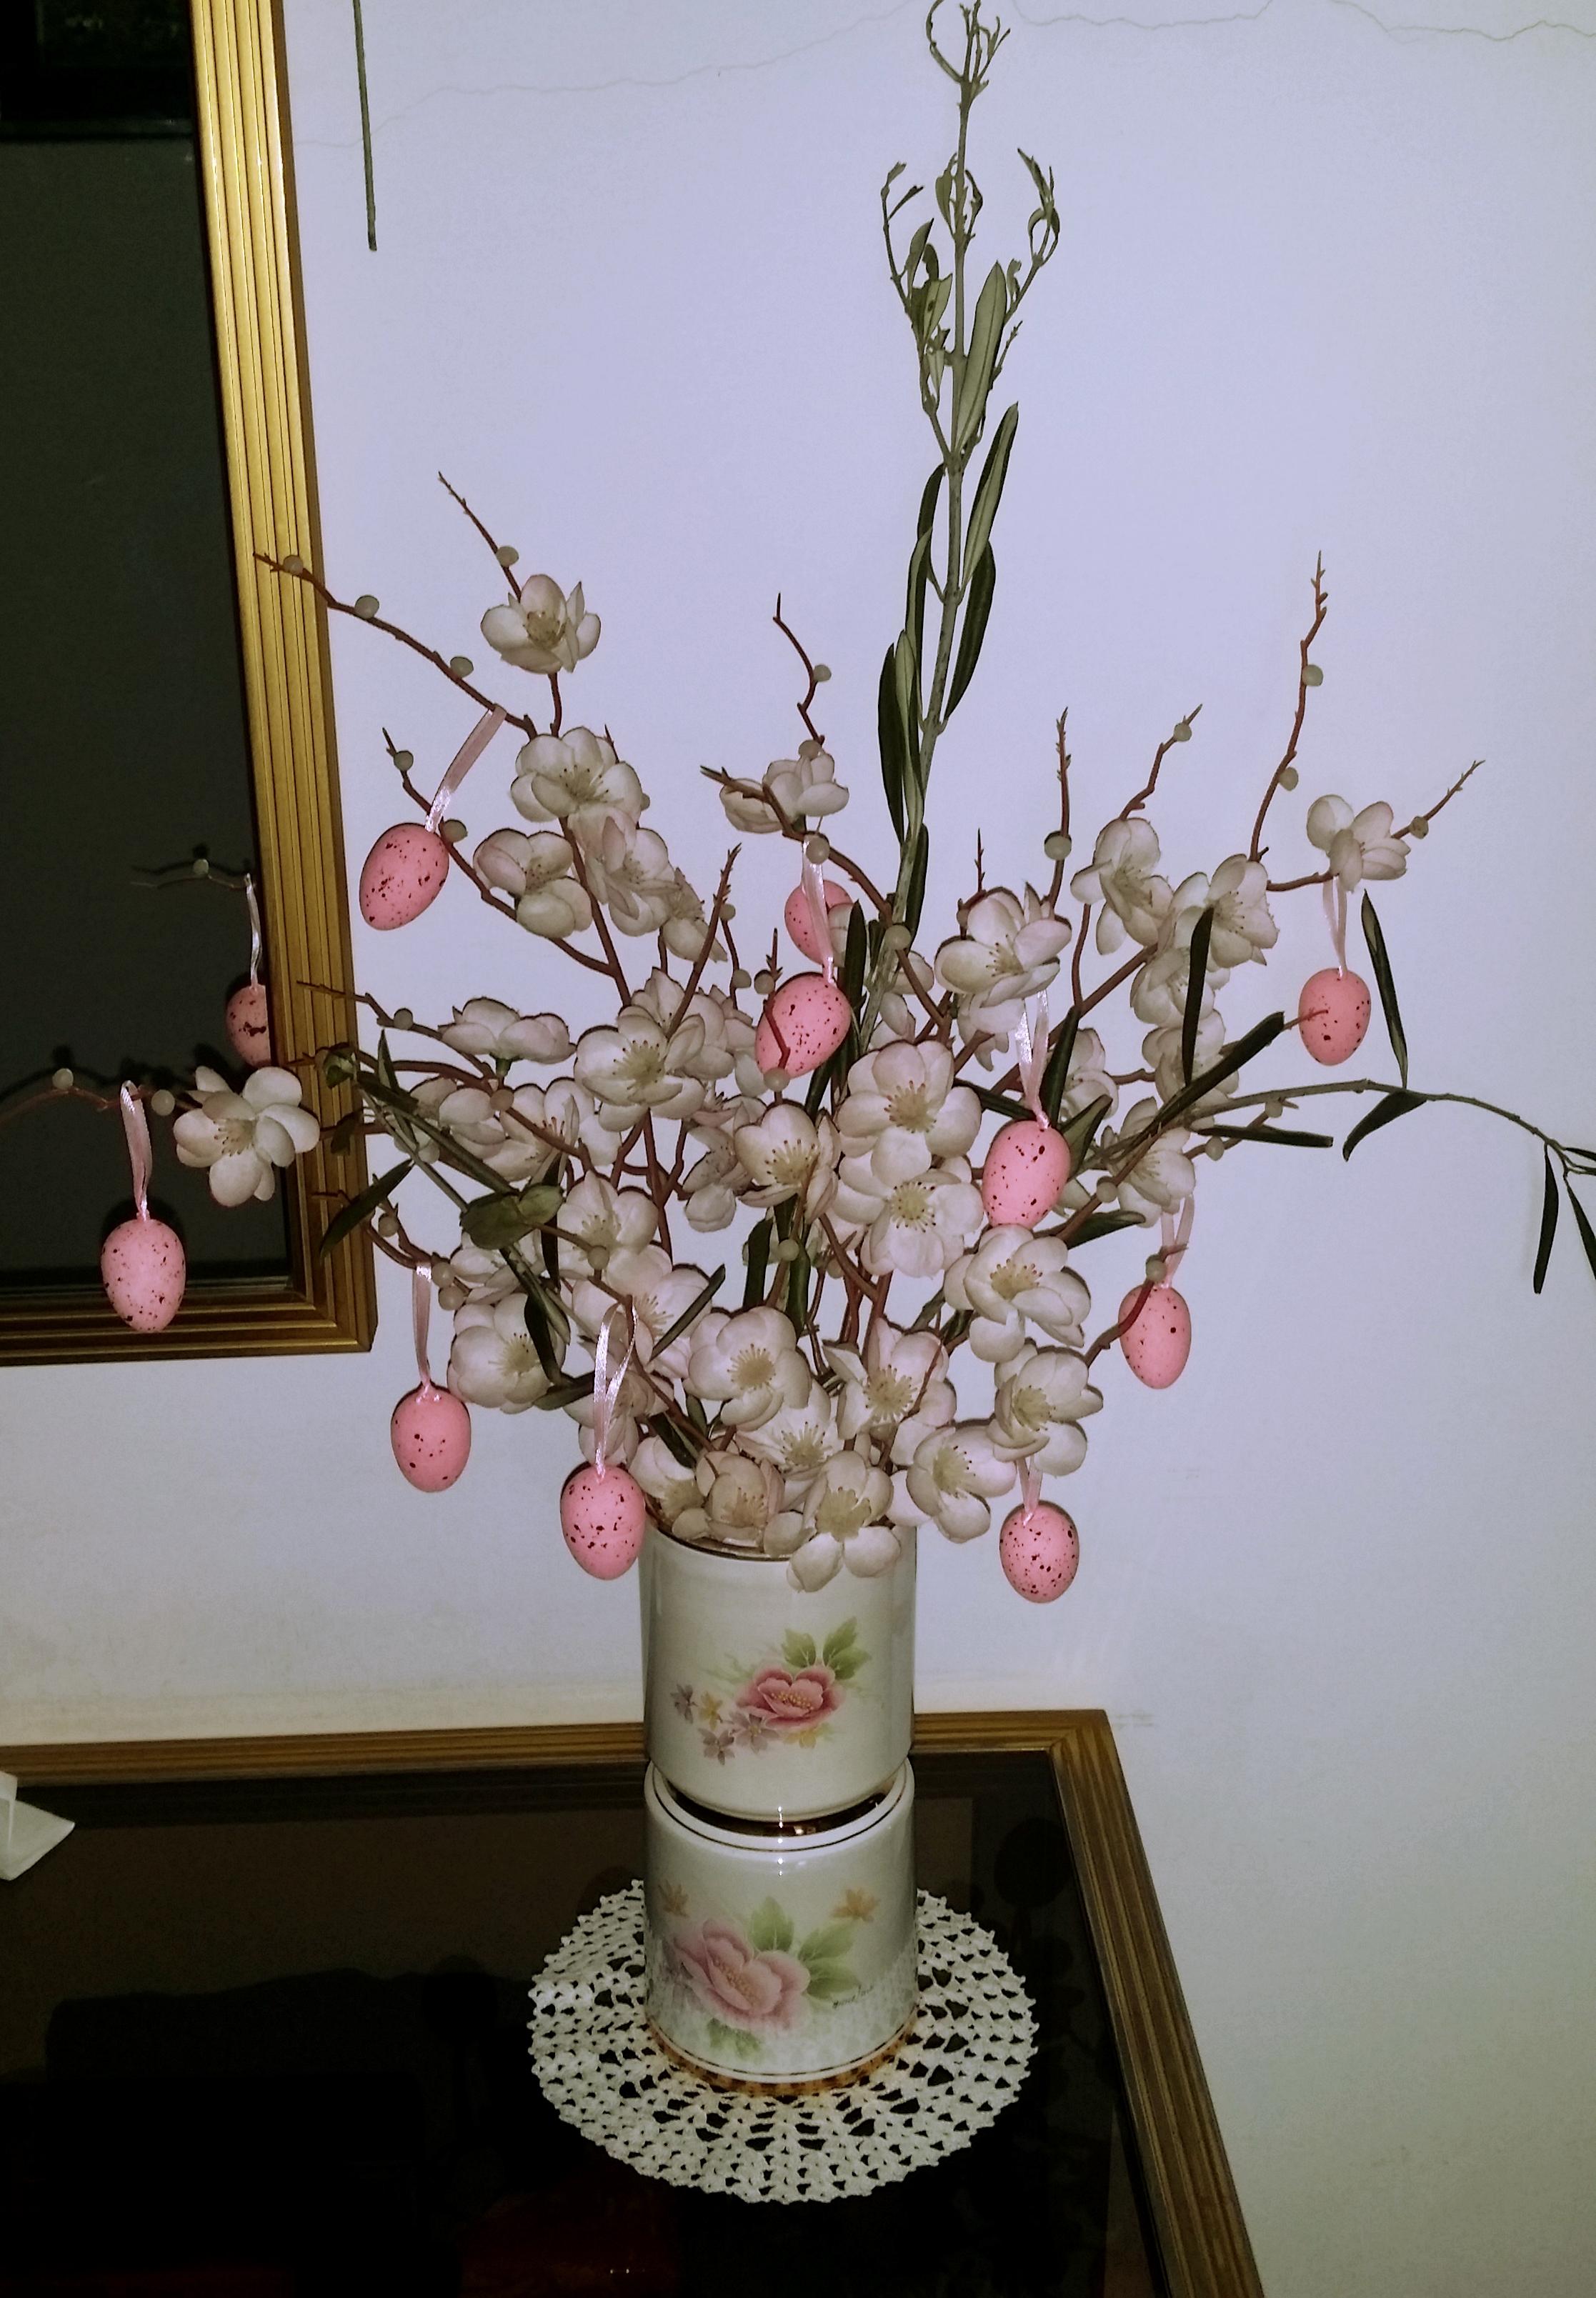 Rami Di Pesco Finti decorare la tavola, realizzare l'albero di pasqua e dei